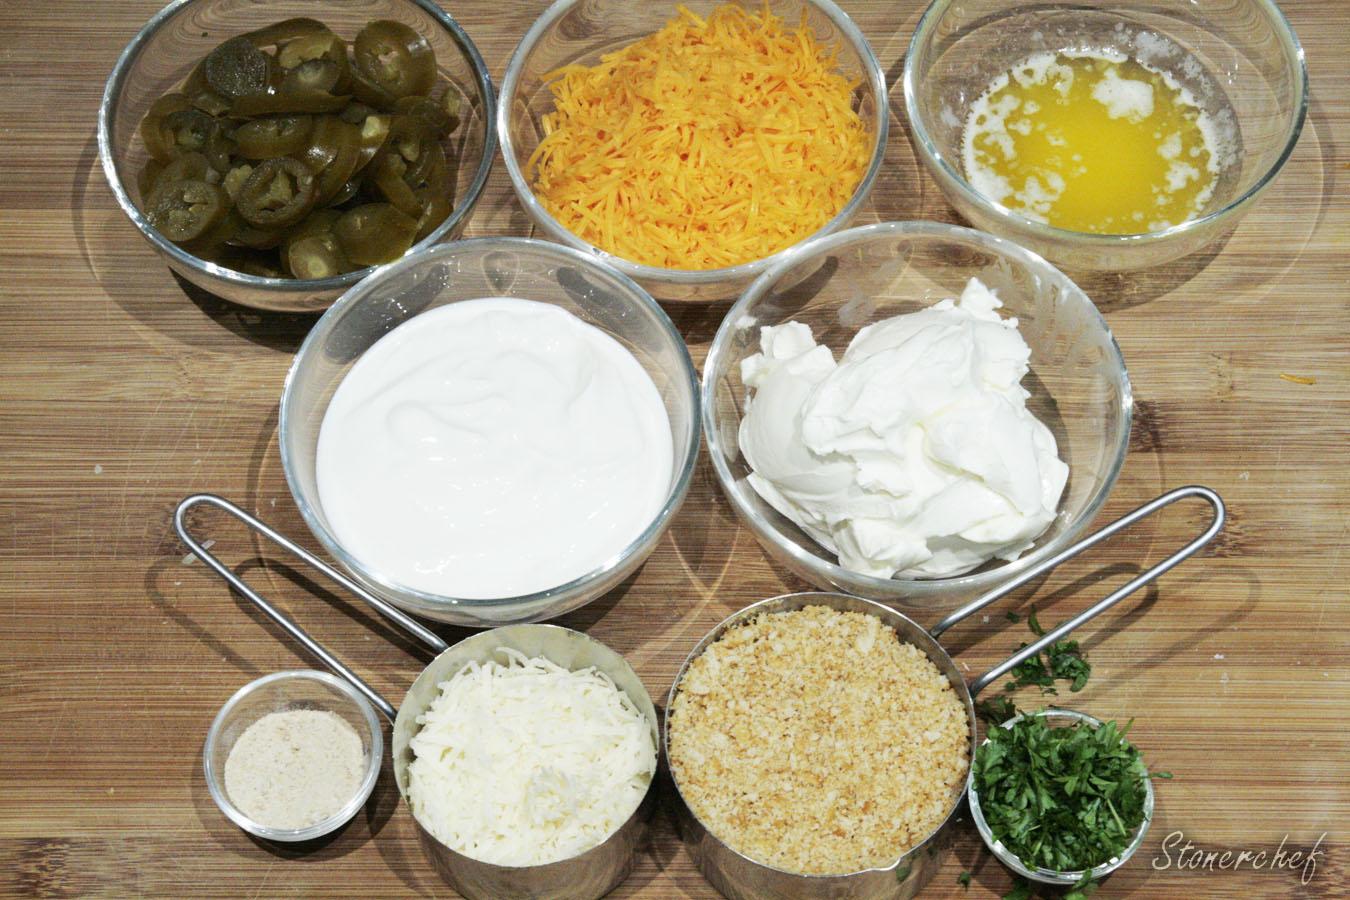 składniki na dip jalapeno